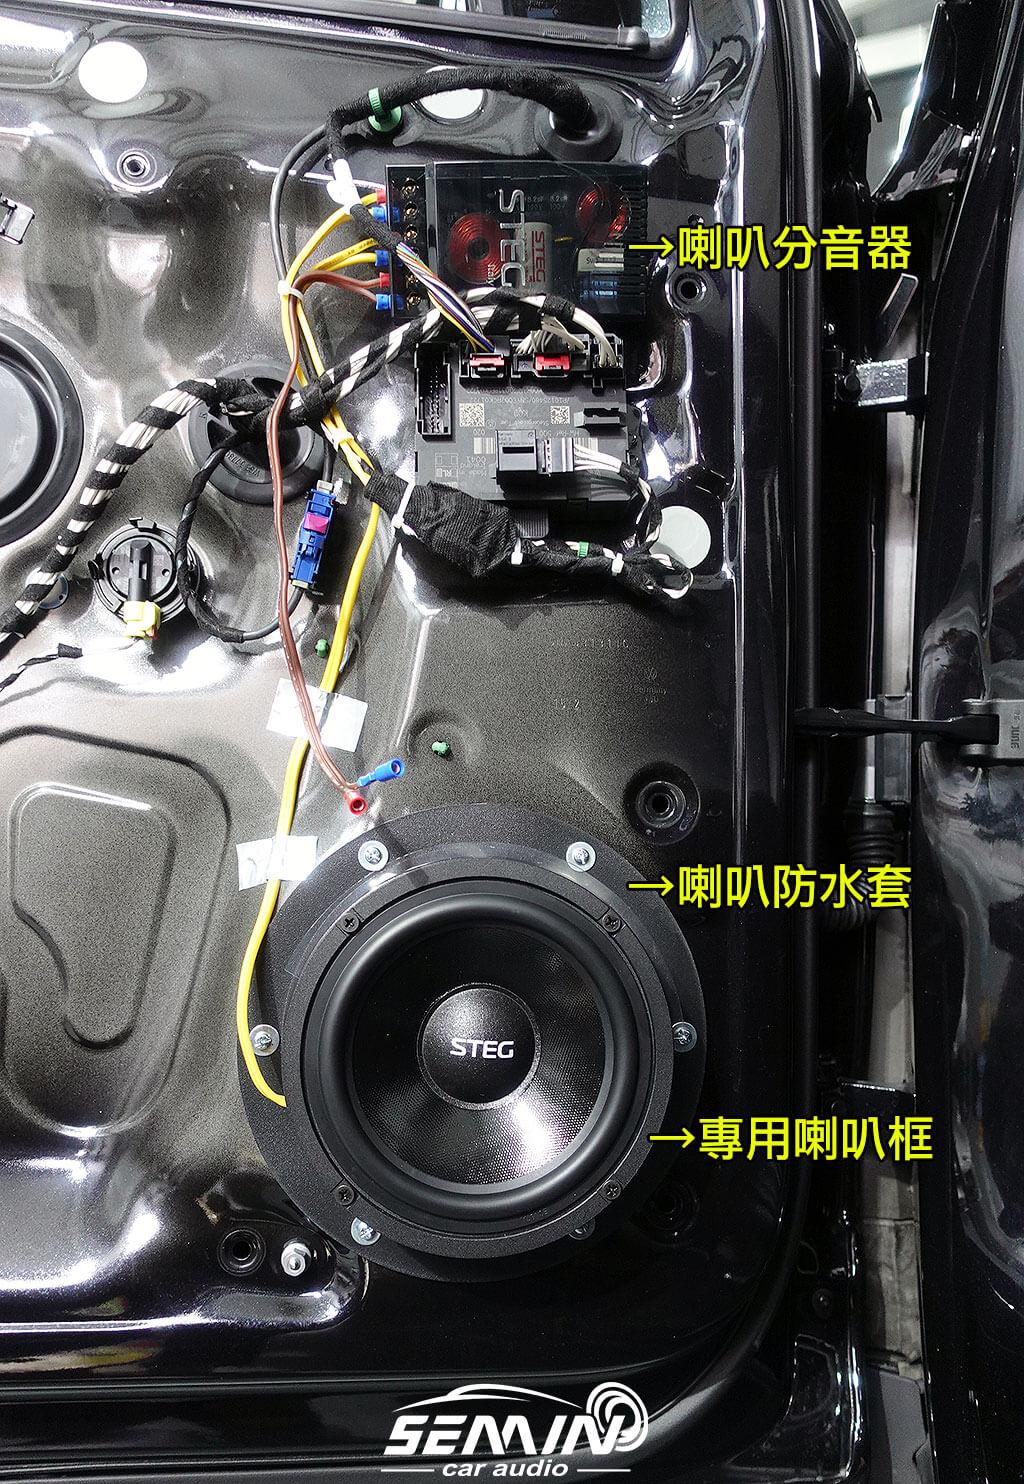 福斯 TIGUAN 簡單小升級音質超有FU